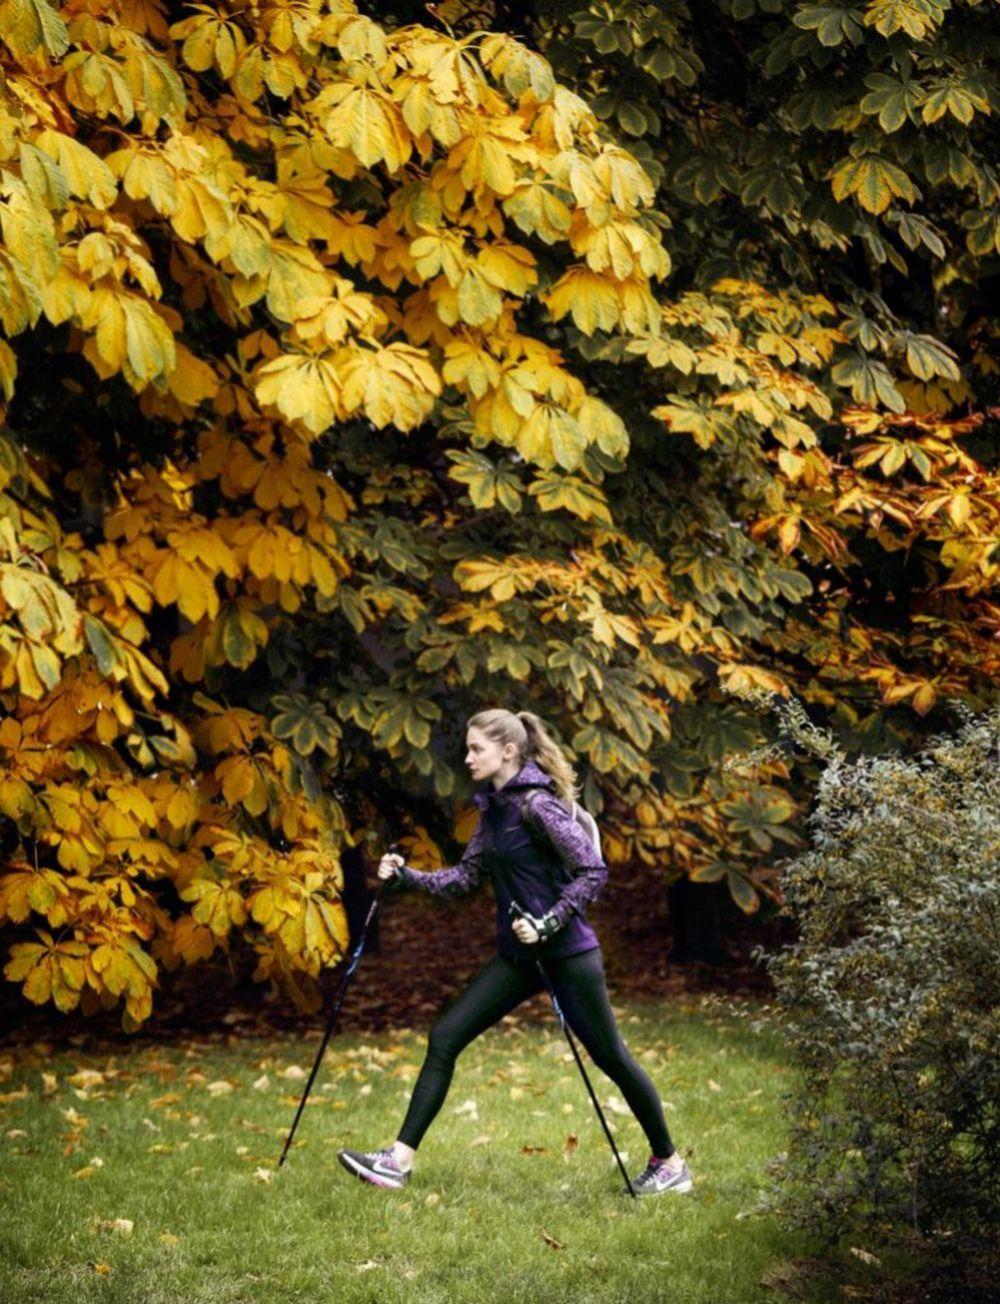 Caminar, si puedes rodeada de naturaleza, es un maravilloso ejercicio físico y mental.